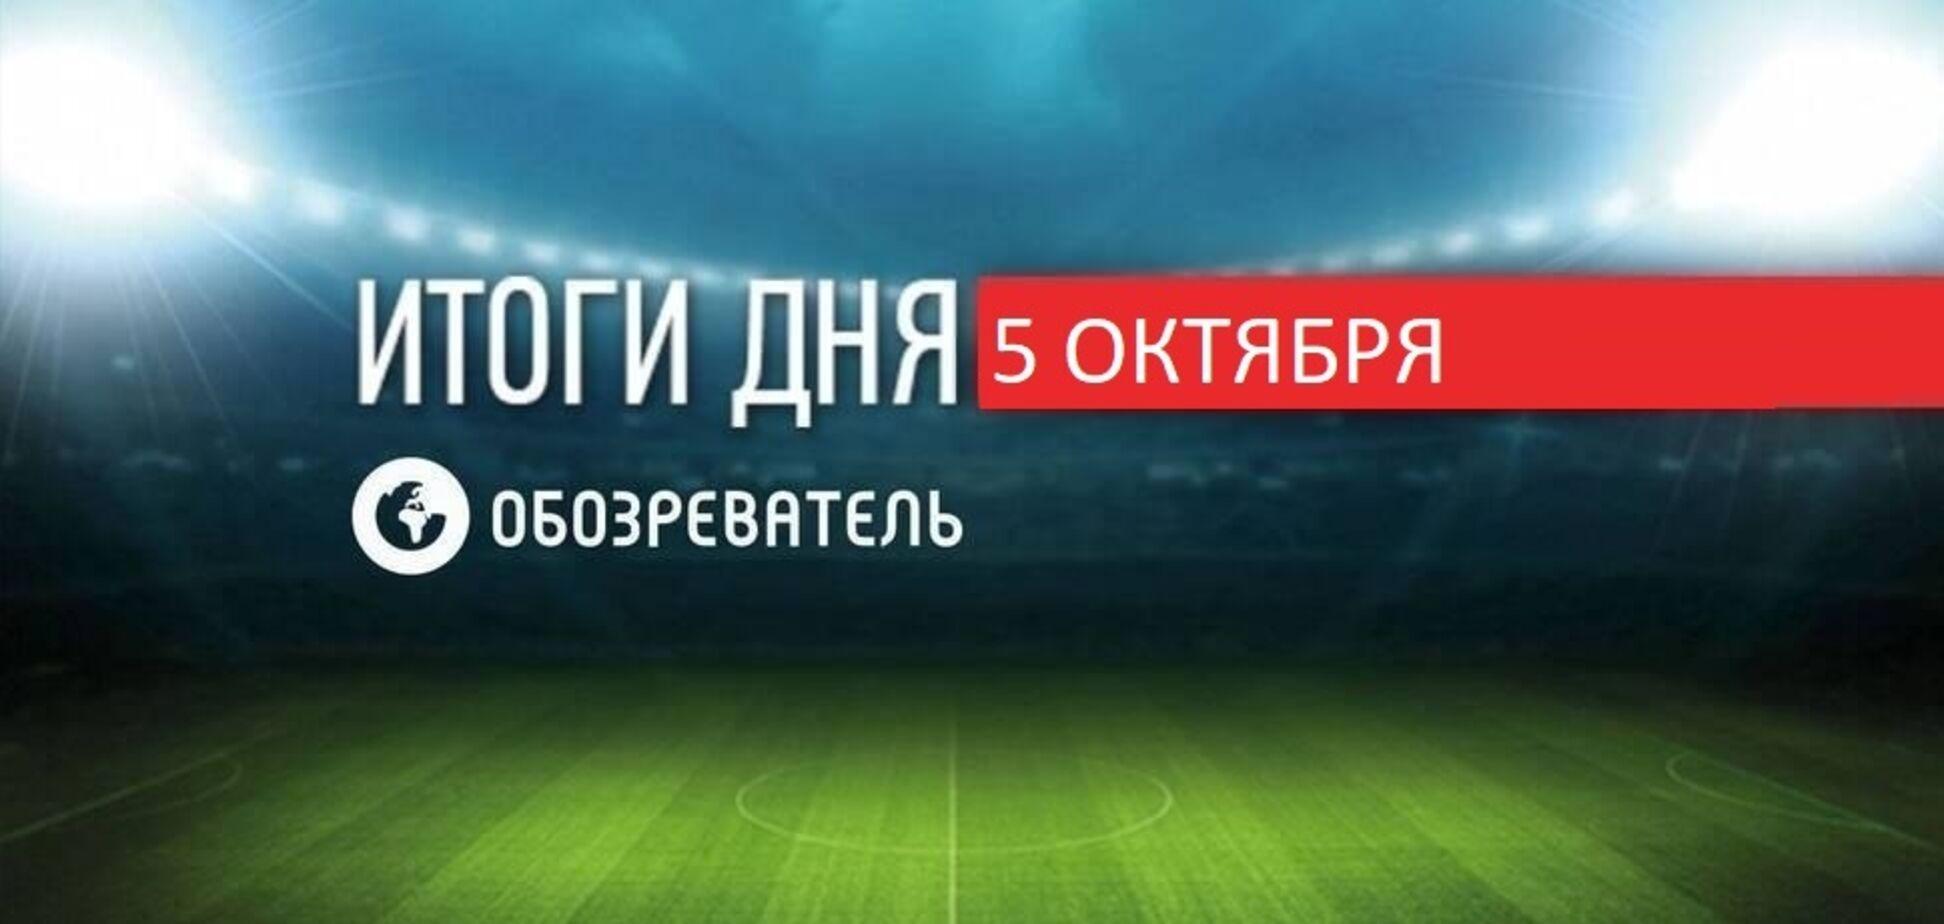 Промоутер Усика поспорил с журналистом из-за Украины: спортивные итоги 5 октября